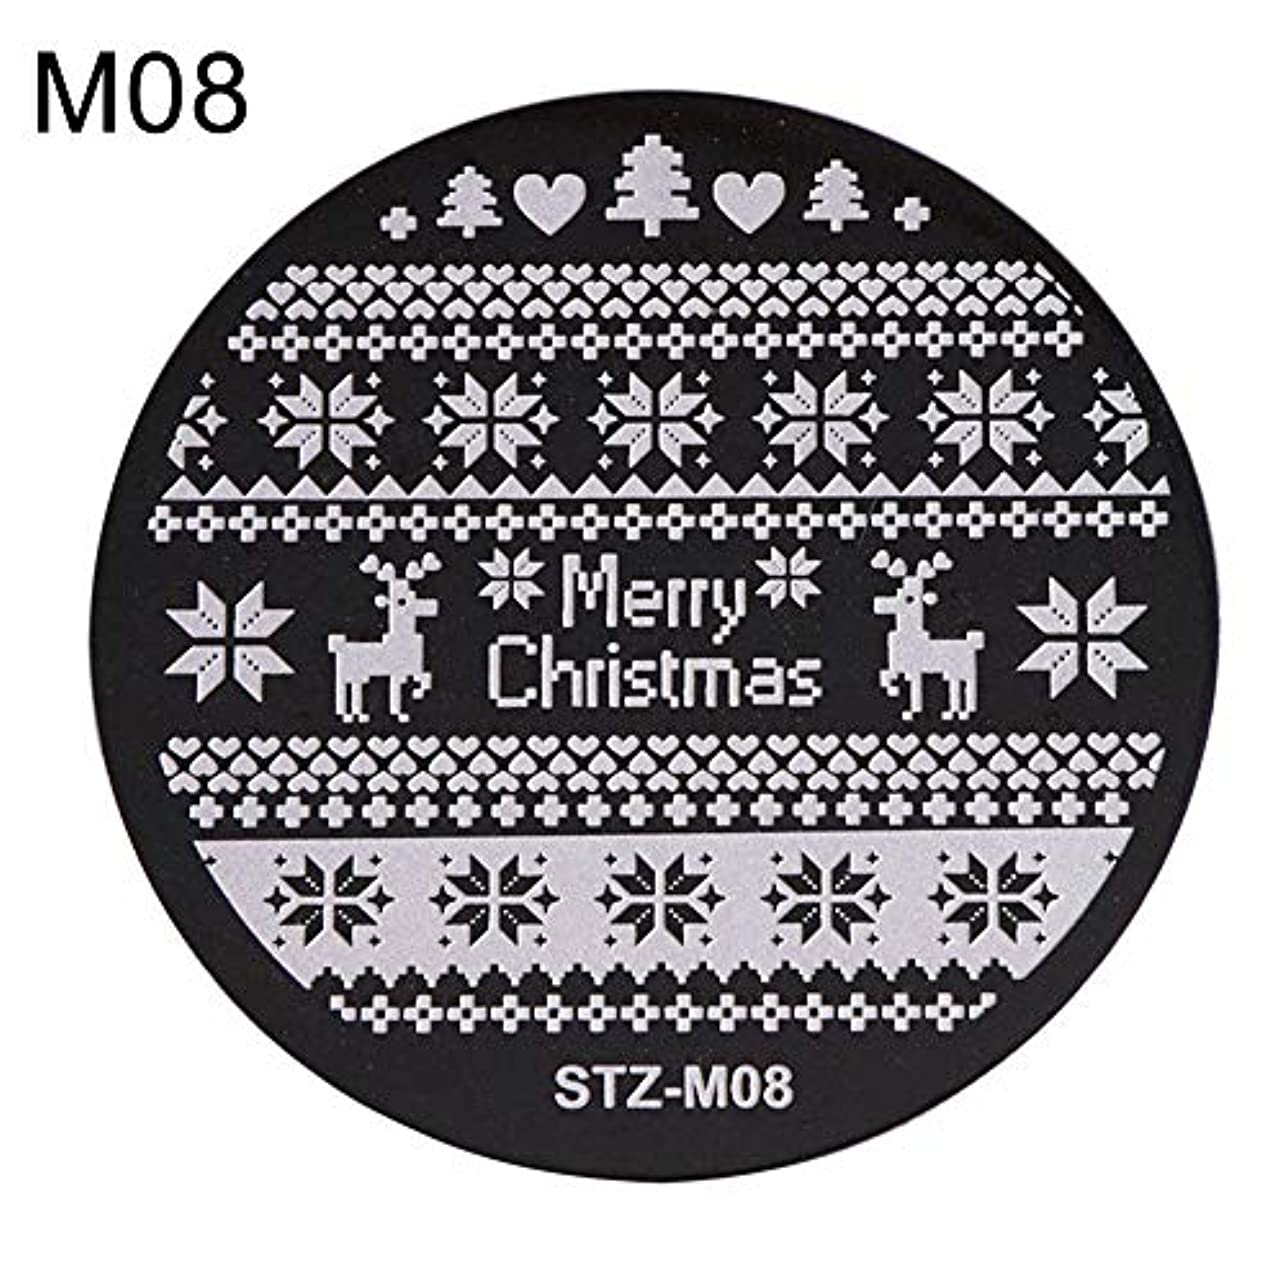 かなり証人誤解を招くhamulekfae-クリスマススノーフレーク鹿の靴ネイルスタンピングプレートスタンプイメージテンプレートの装飾8